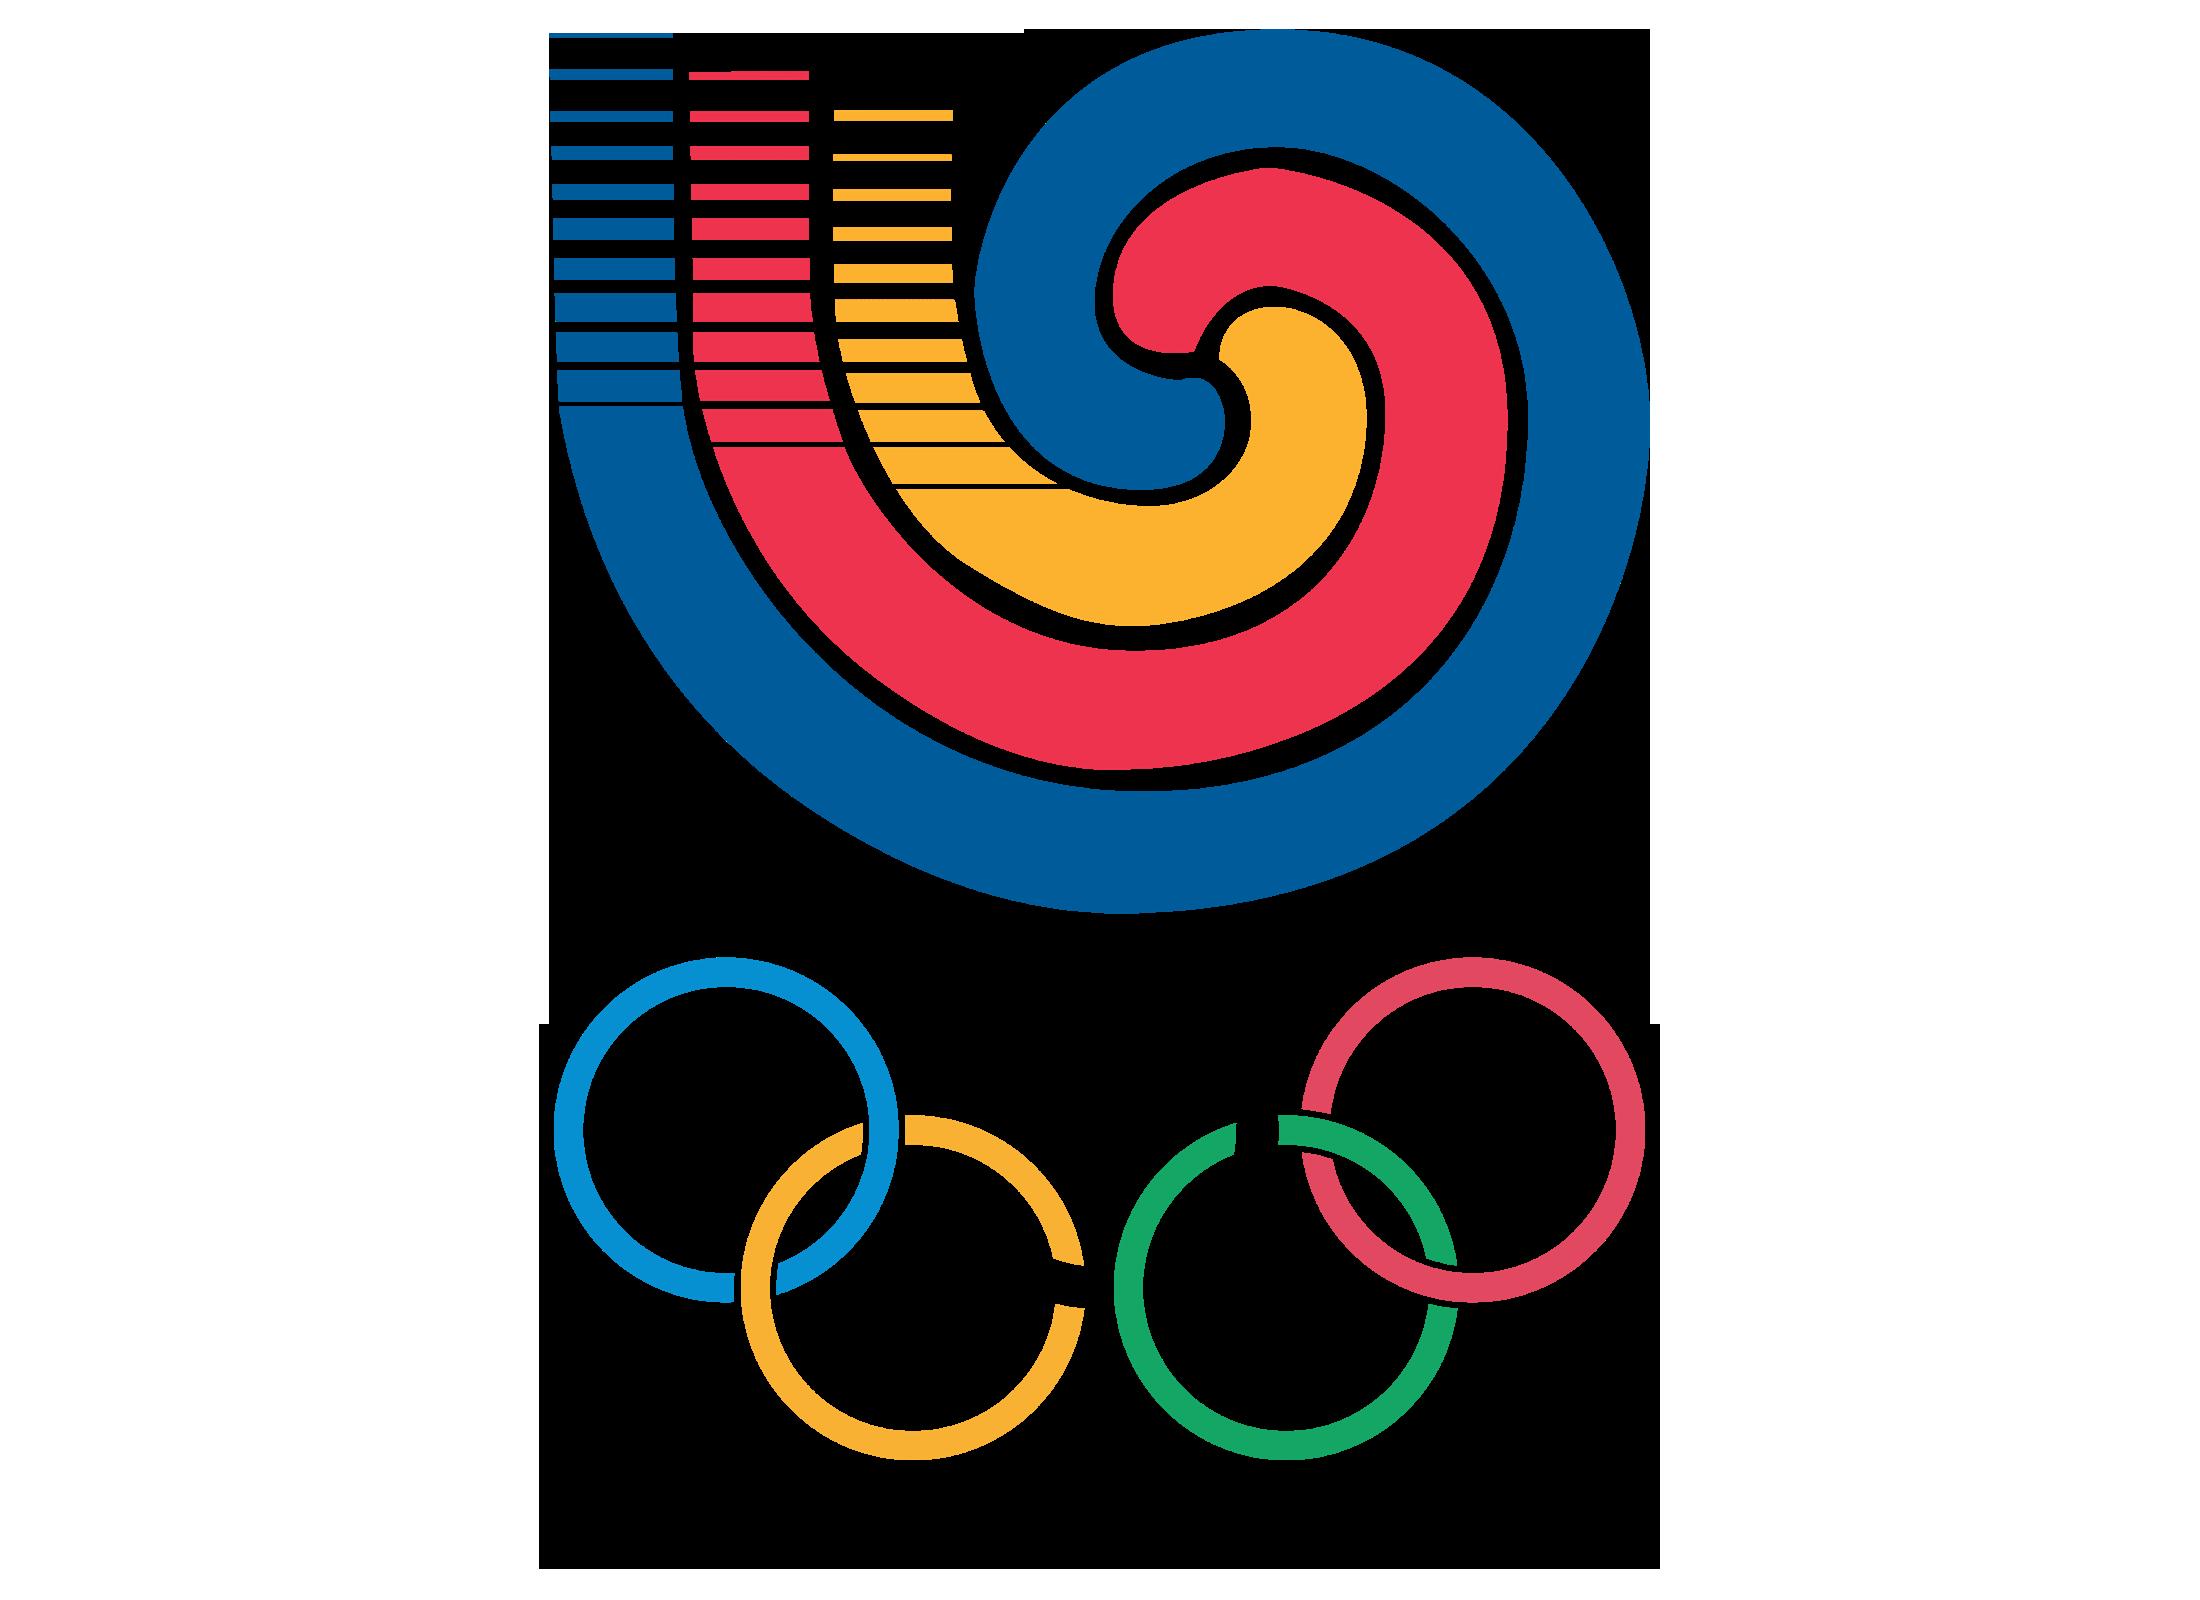 Séoul – Jeux olympiques d'été 1988